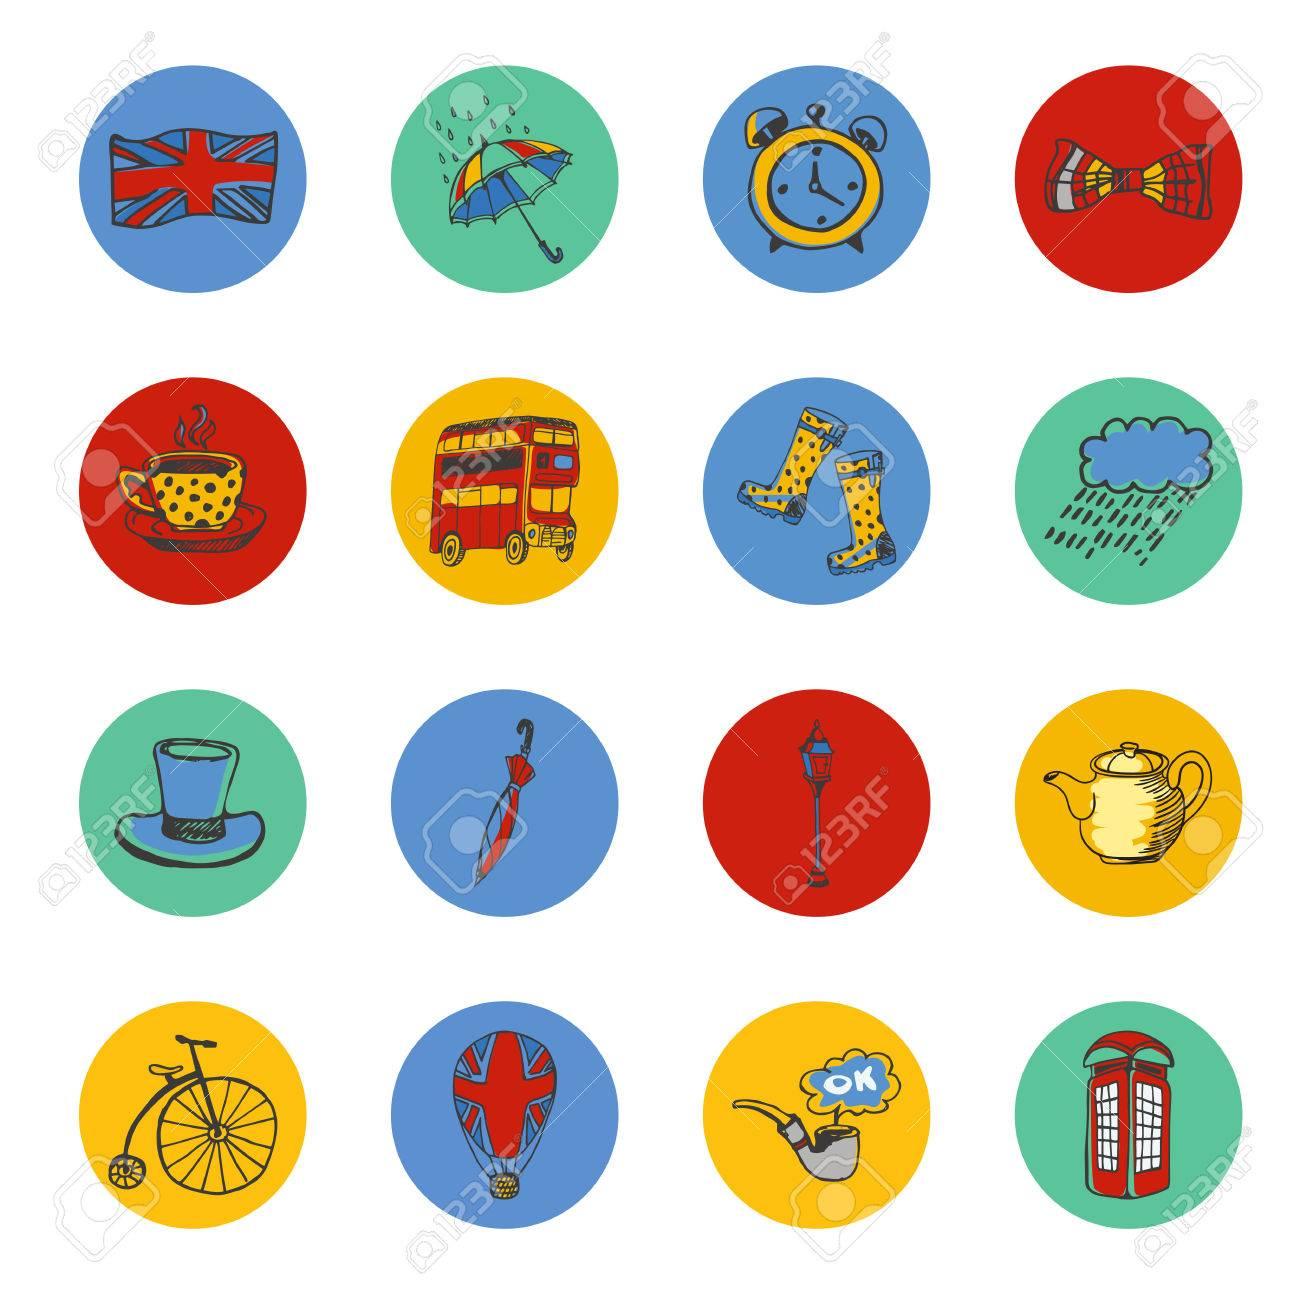 Símbolos Nacionales De Inglaterra Dibujados Iconos De Colores ...